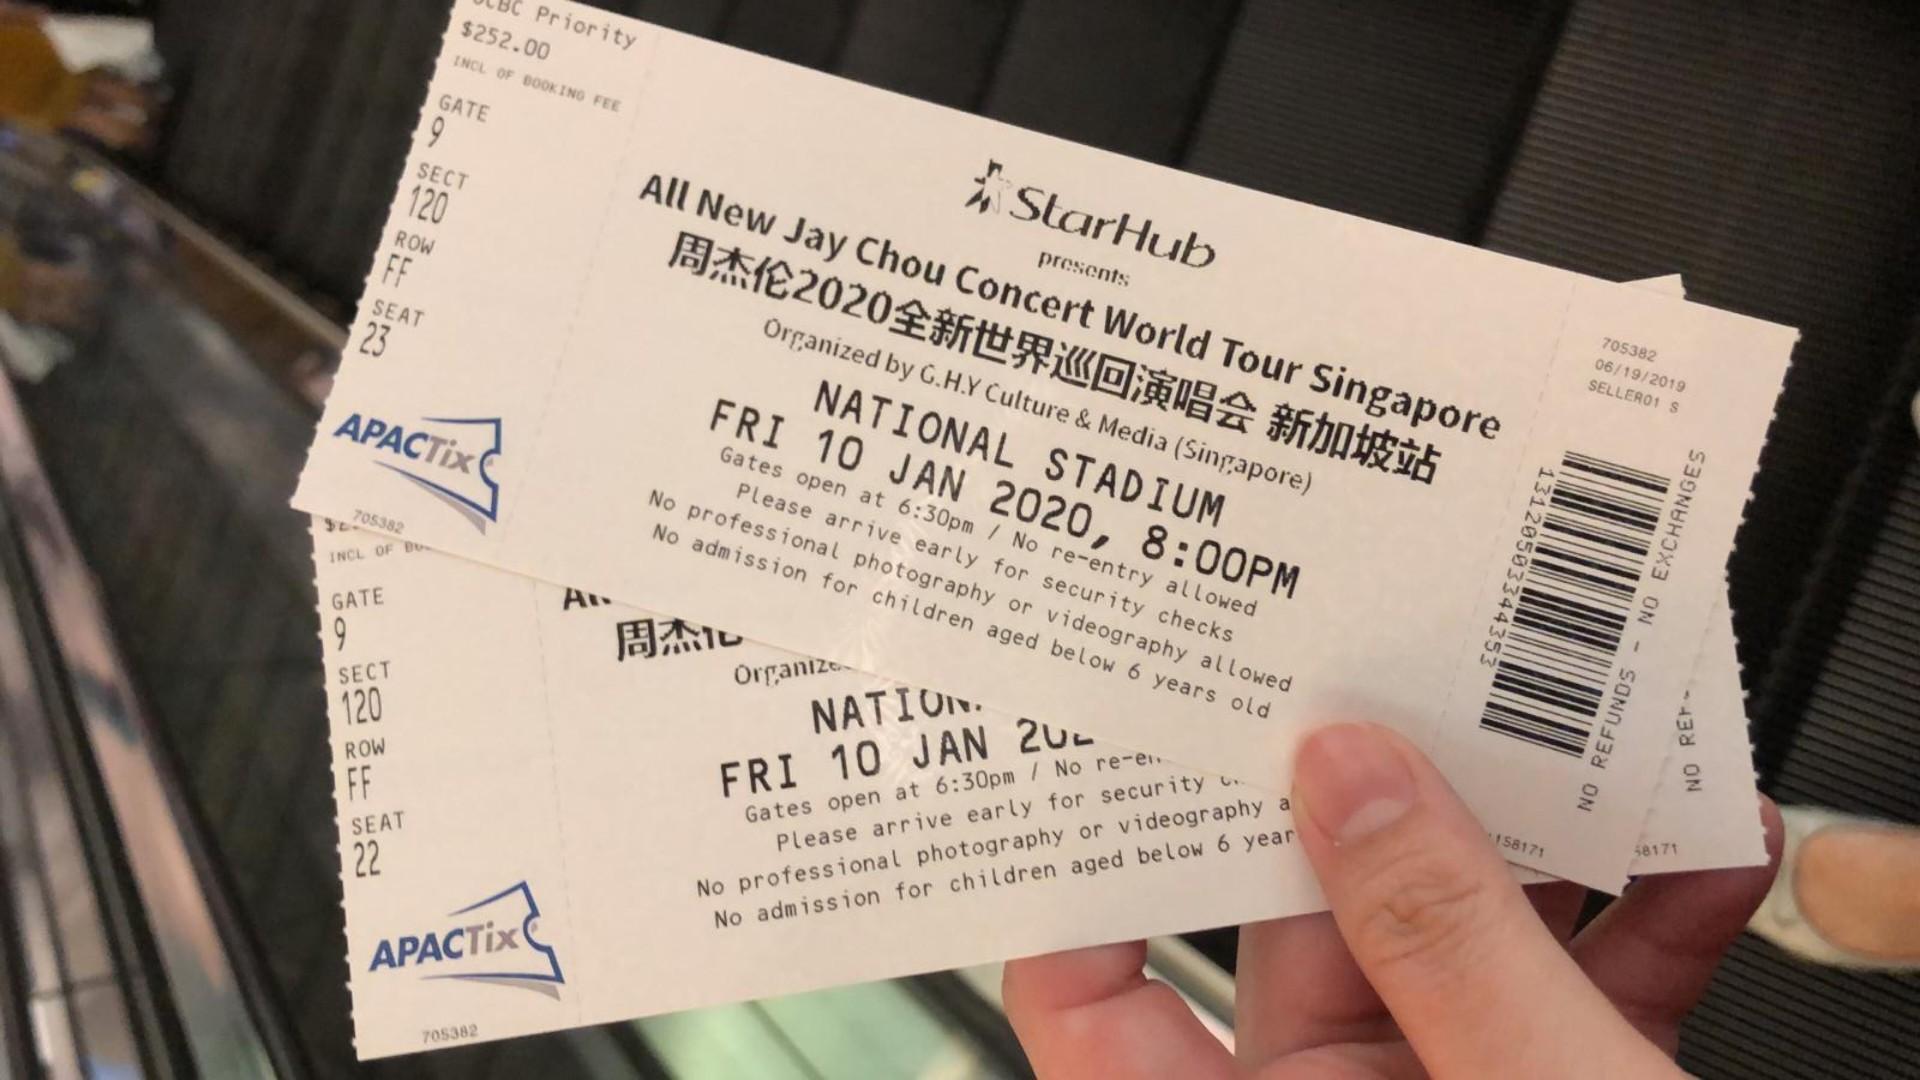 All New Jay Chou Concert World Tour